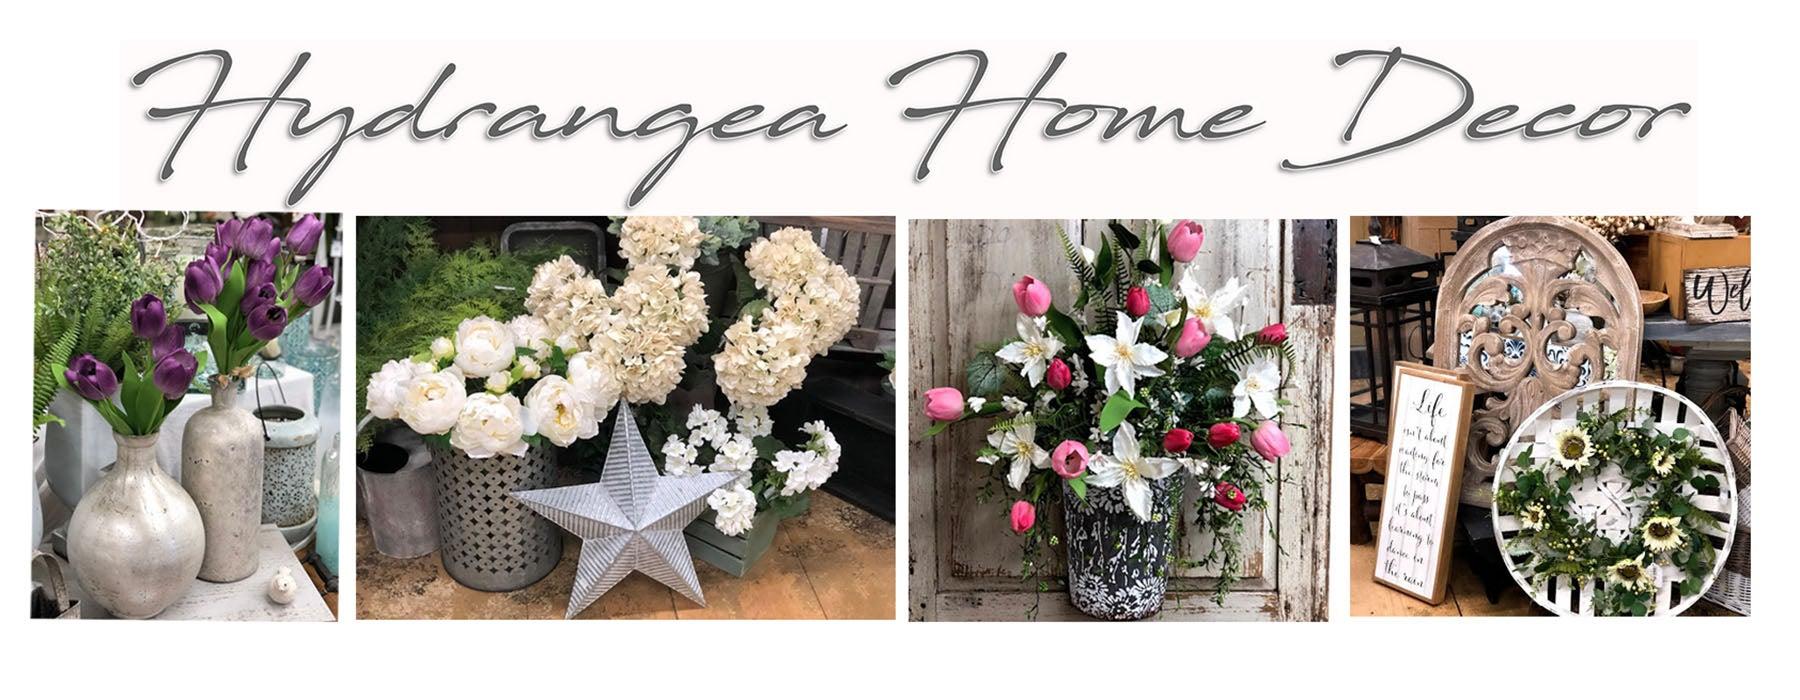 Hydrangea Home Decor